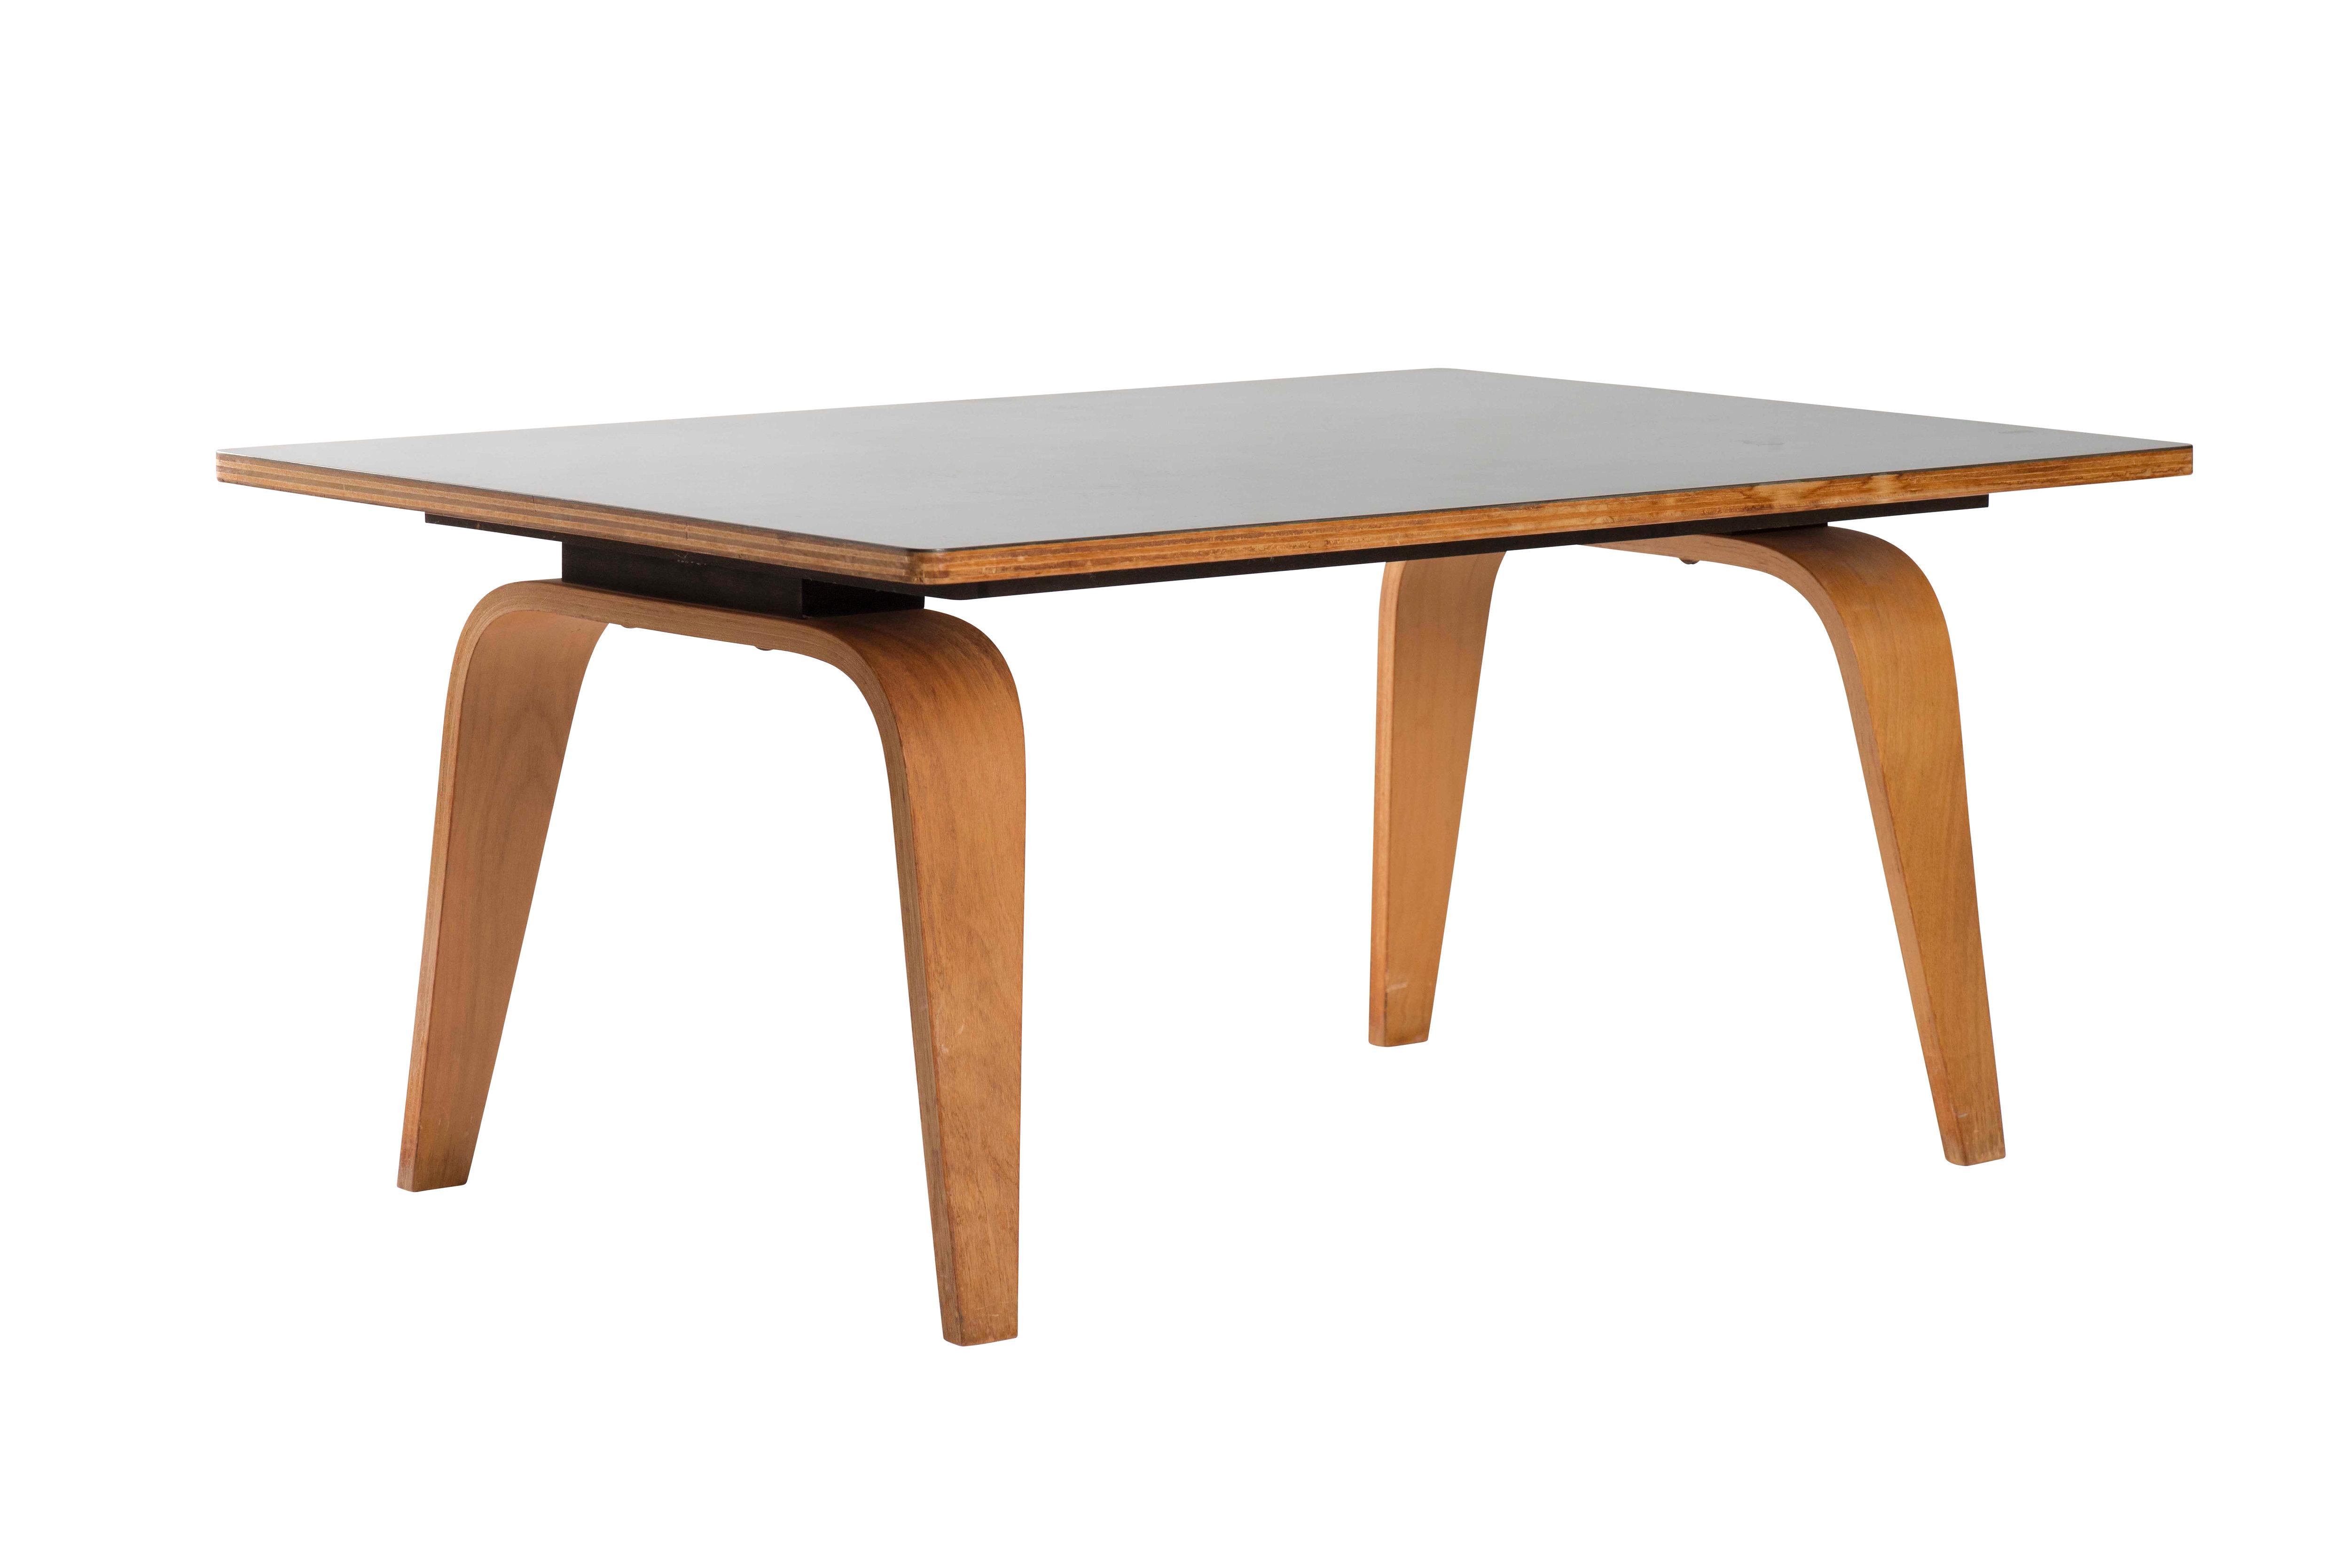 Modernist Art Furniture Sculpture Decor PA PGH Modern